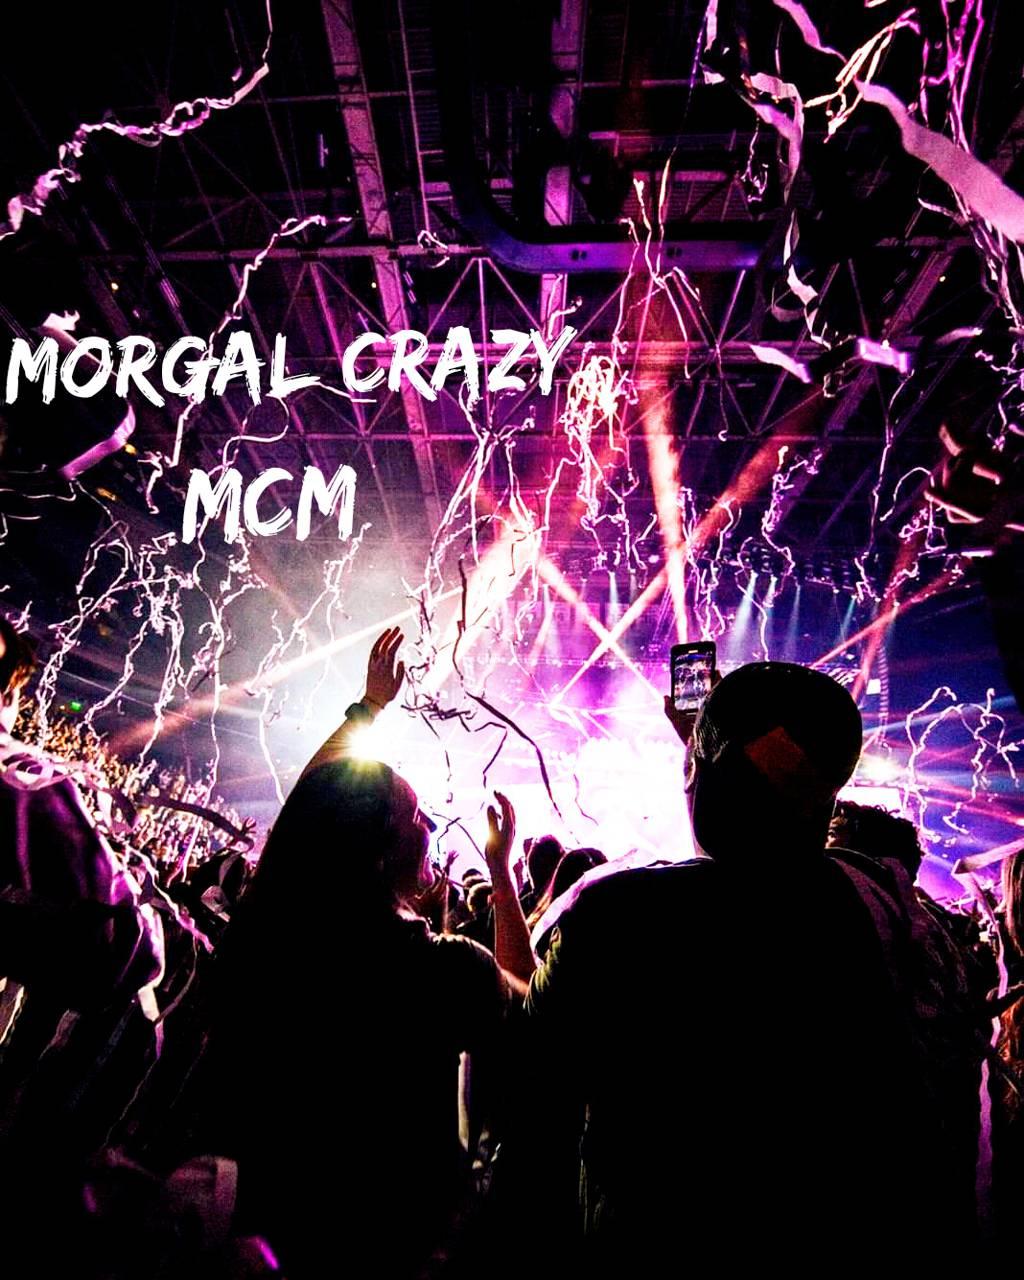 Morgal crazy